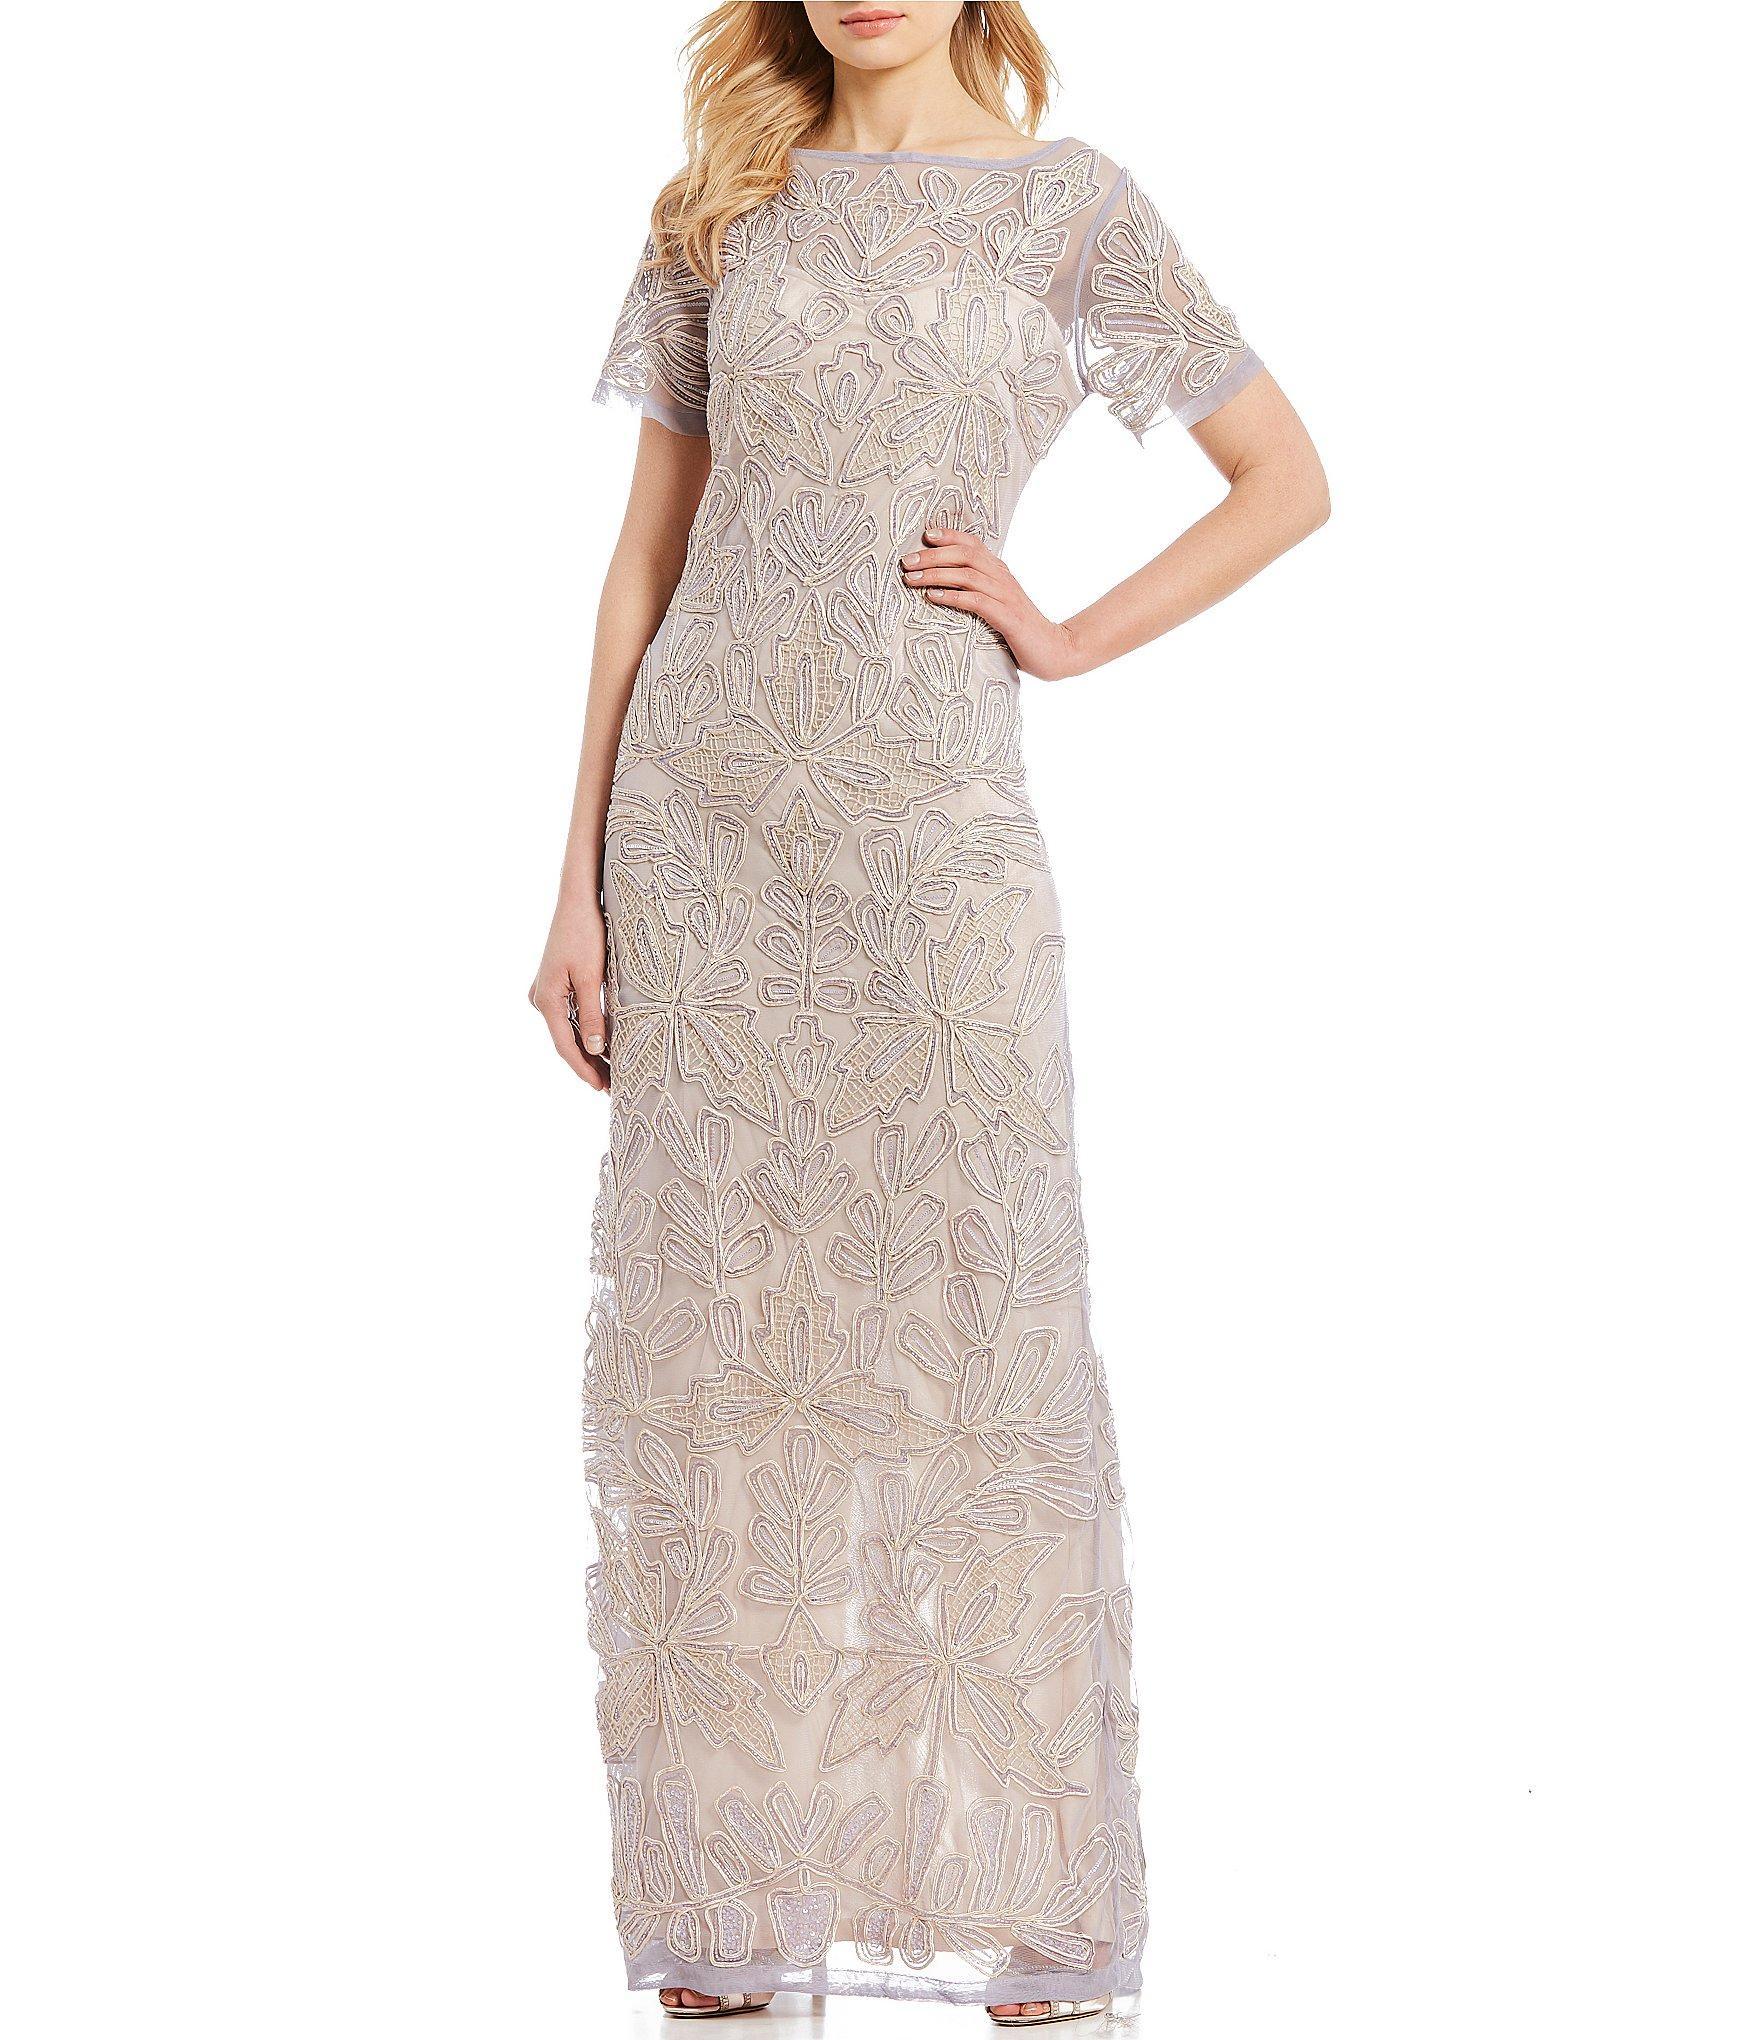 c9a6111d54dcf Lyst - JS Collections Beaded Mesh Soutache Gown